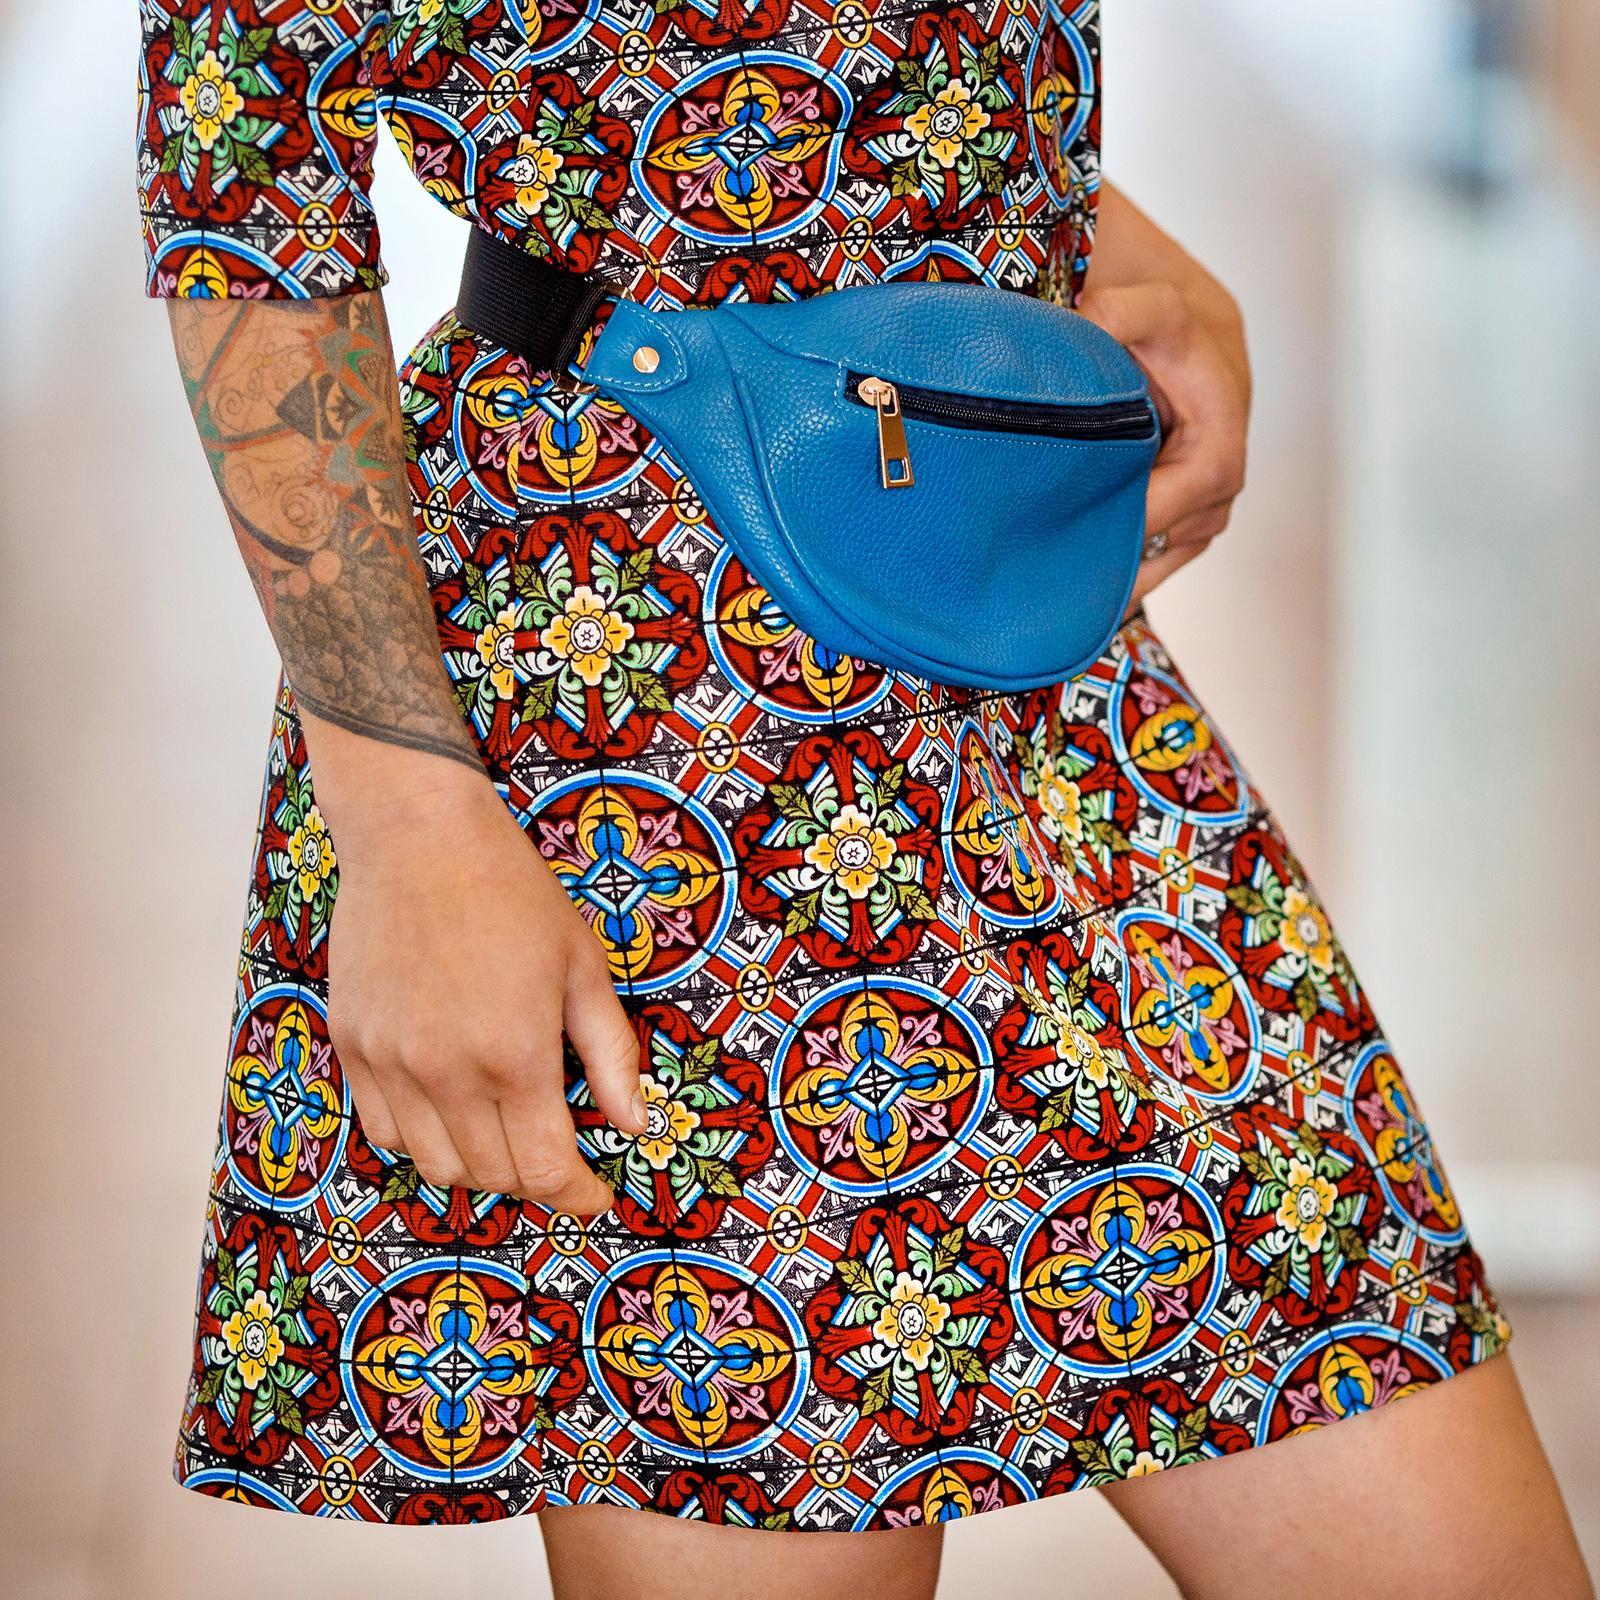 Фото: сумка на пояс зі шкіри